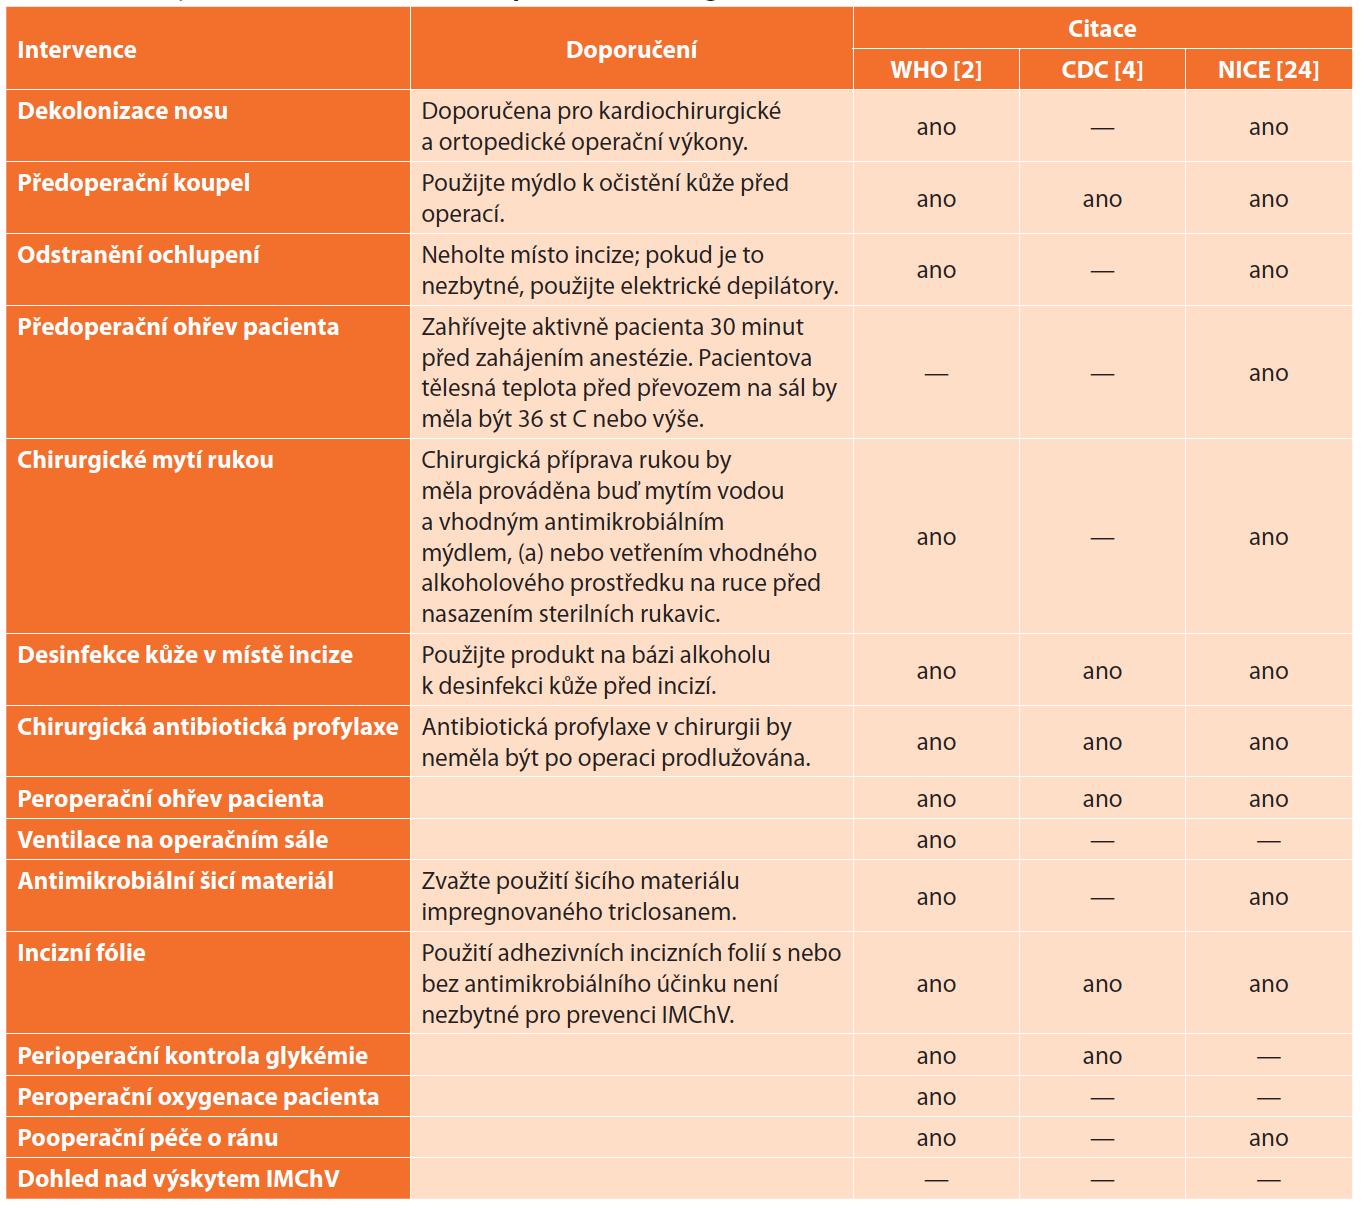 Souhrn doporučení pro prevenci infekcí v místě chirurgického výkonu <br> Tab. 4: Summary of recommendations for the prevention of surgical site infection